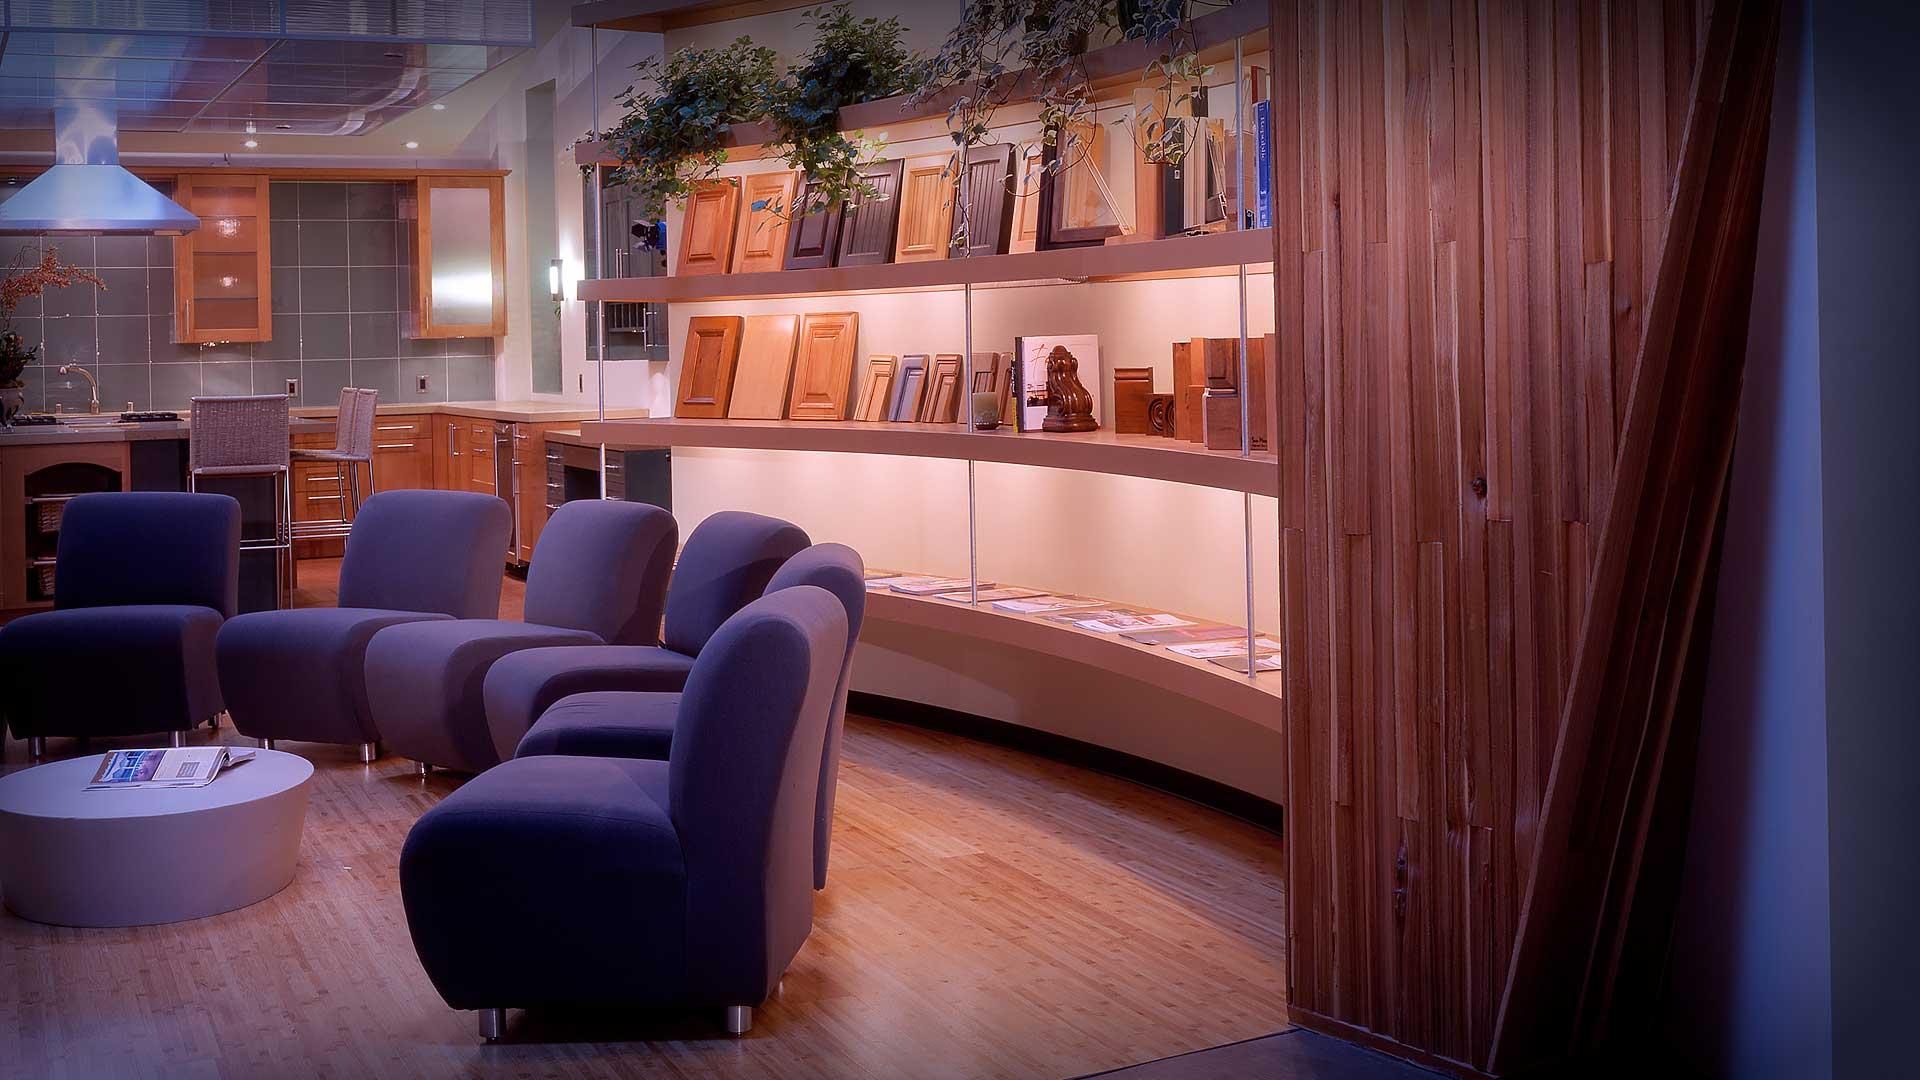 hayward-design-center-1920×1080-02a